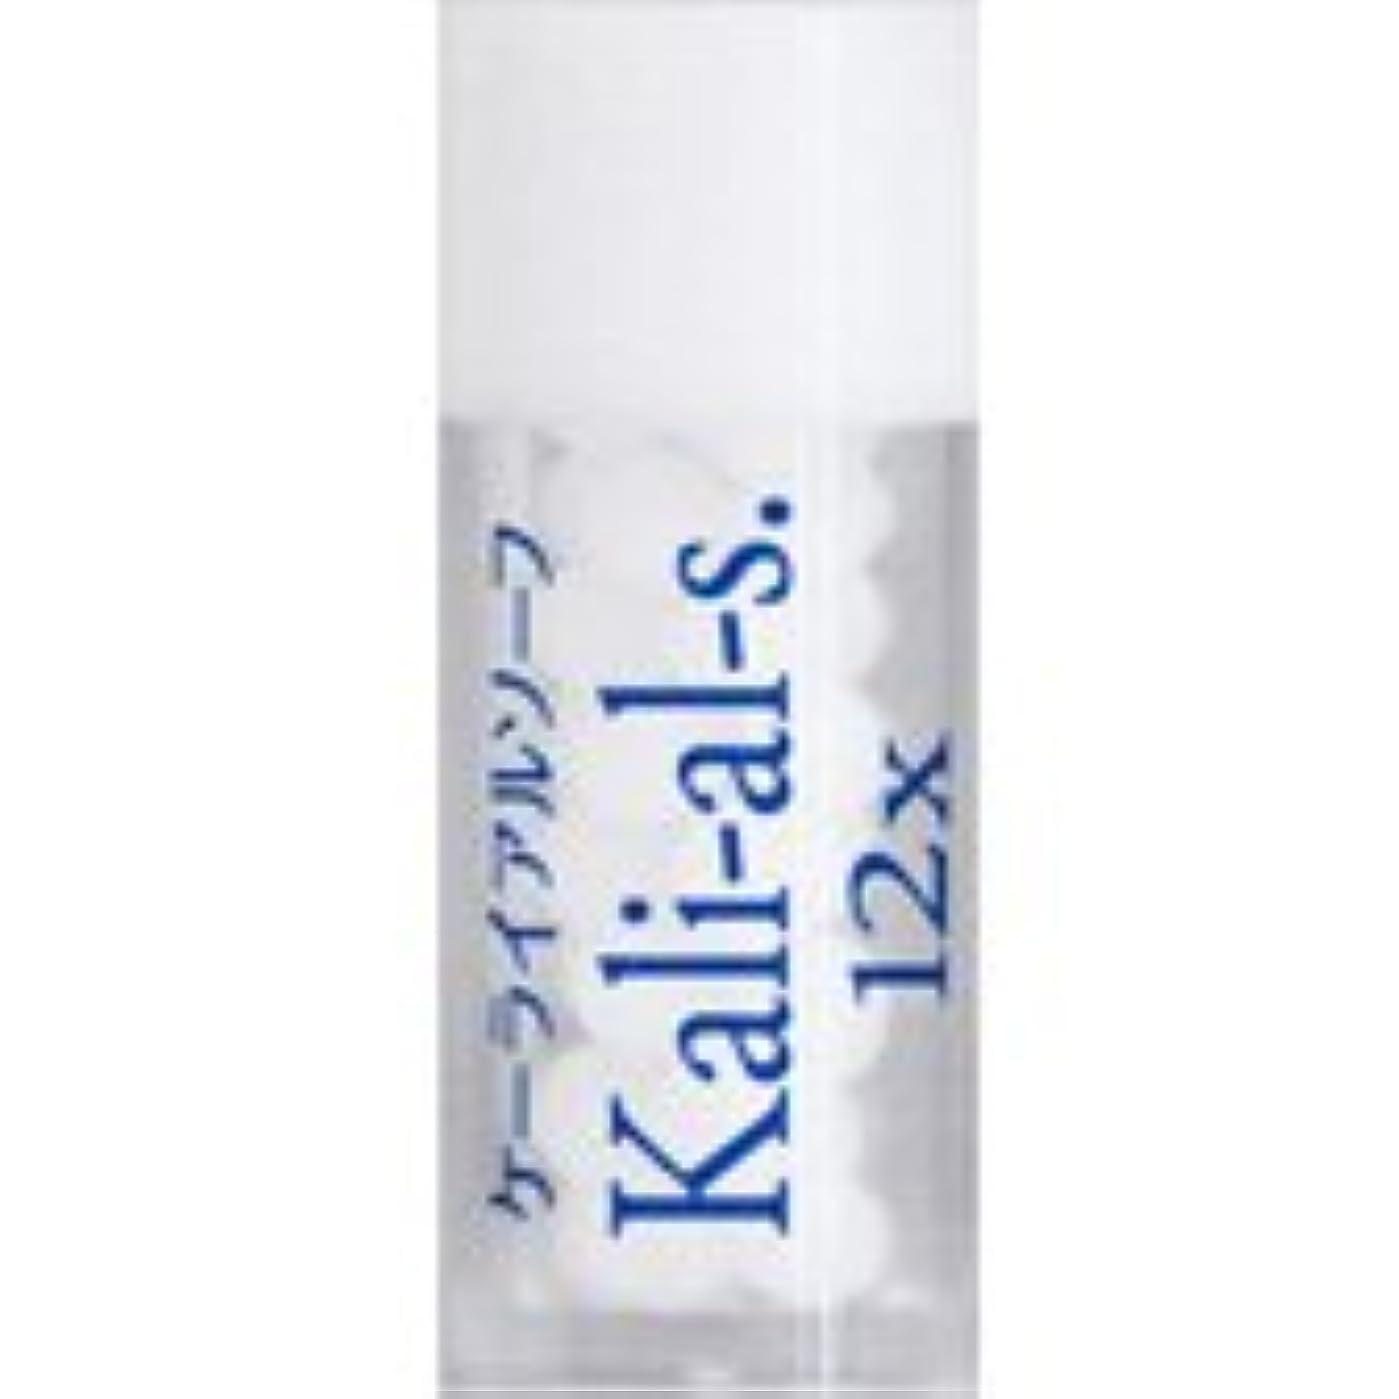 気質体系的に独創的36バイタルエレメントキット 対応 各種 (17)Kali-al-s.12X ケーライアルソーフ)